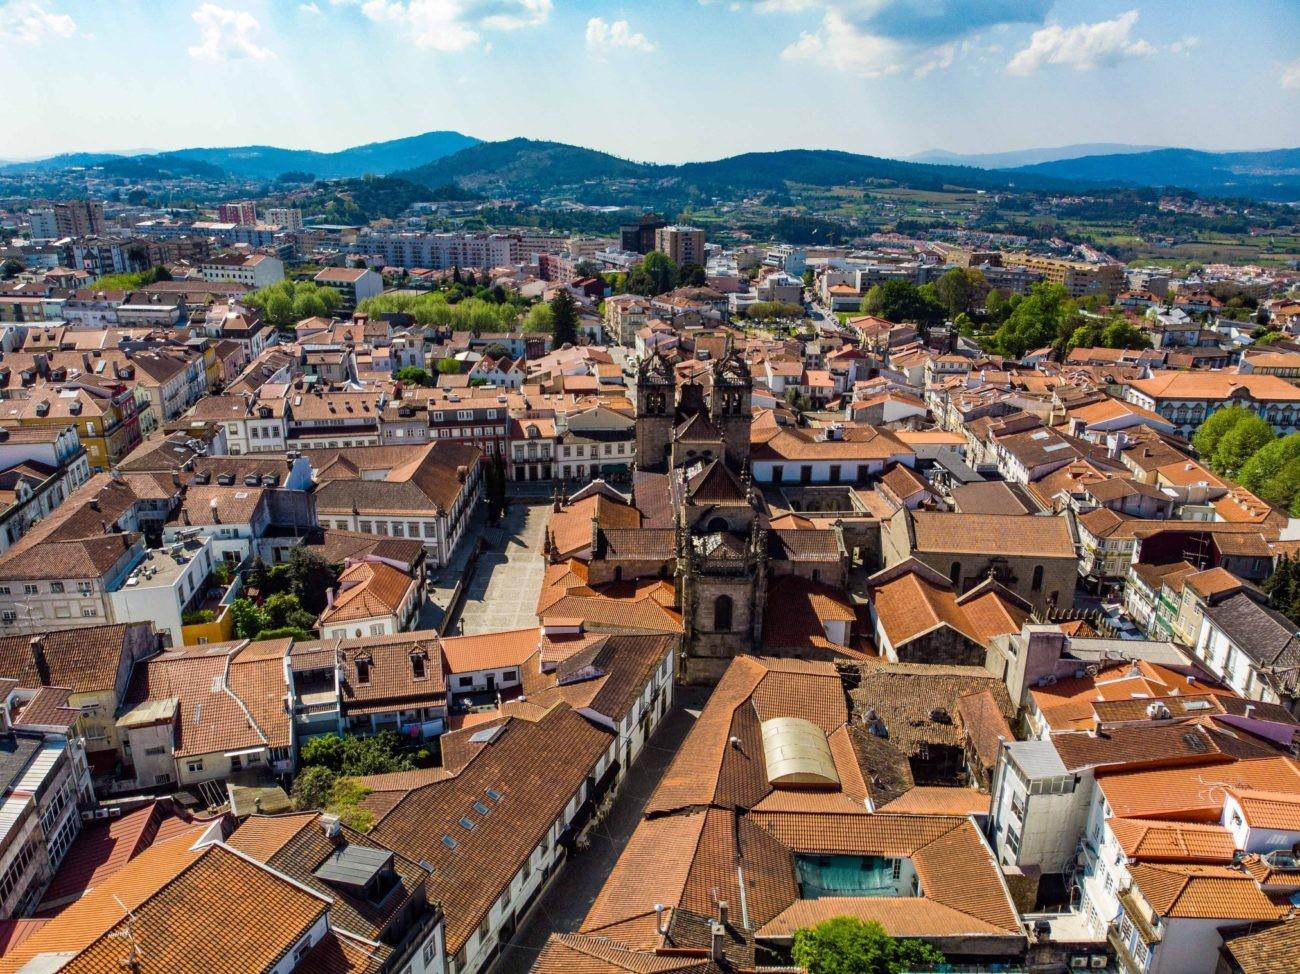 BRAGA - Braga reforça aposta na rede WiFi no centro histórico